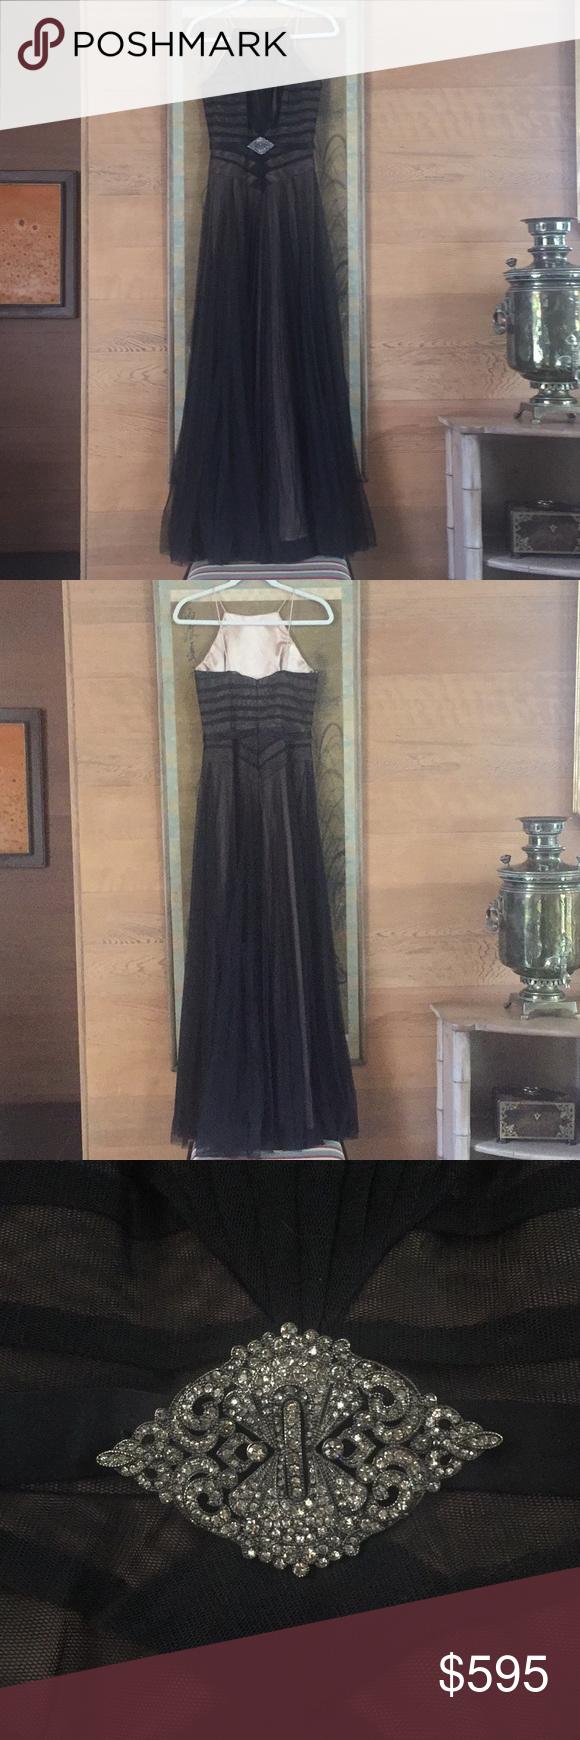 Badgley mishka gorgeous long black tulle dress nwt